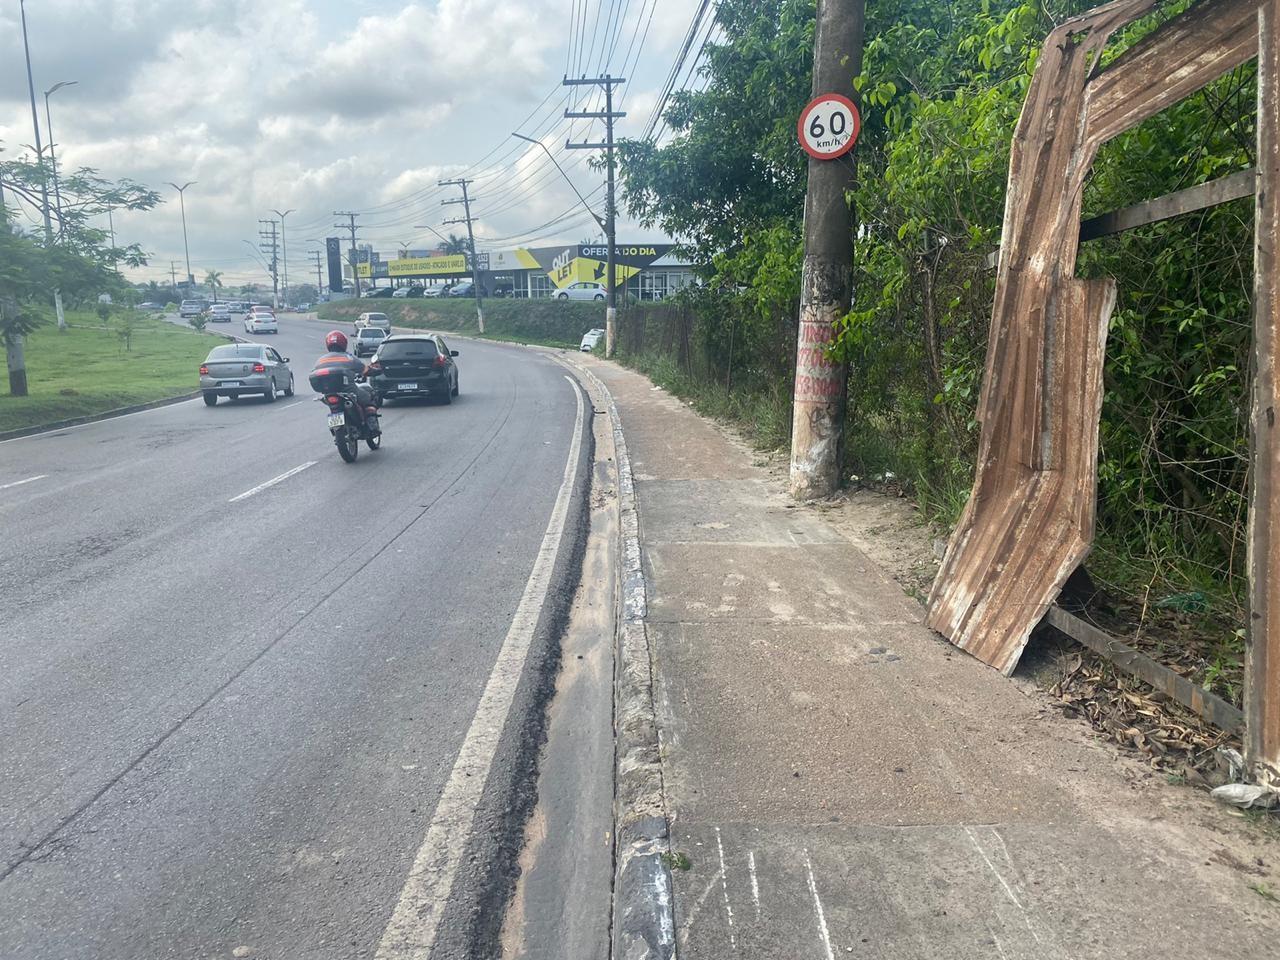 Acidente com moto deixa dois mortos na Zona Oeste de Manaus - Notícias - Plantão Diário